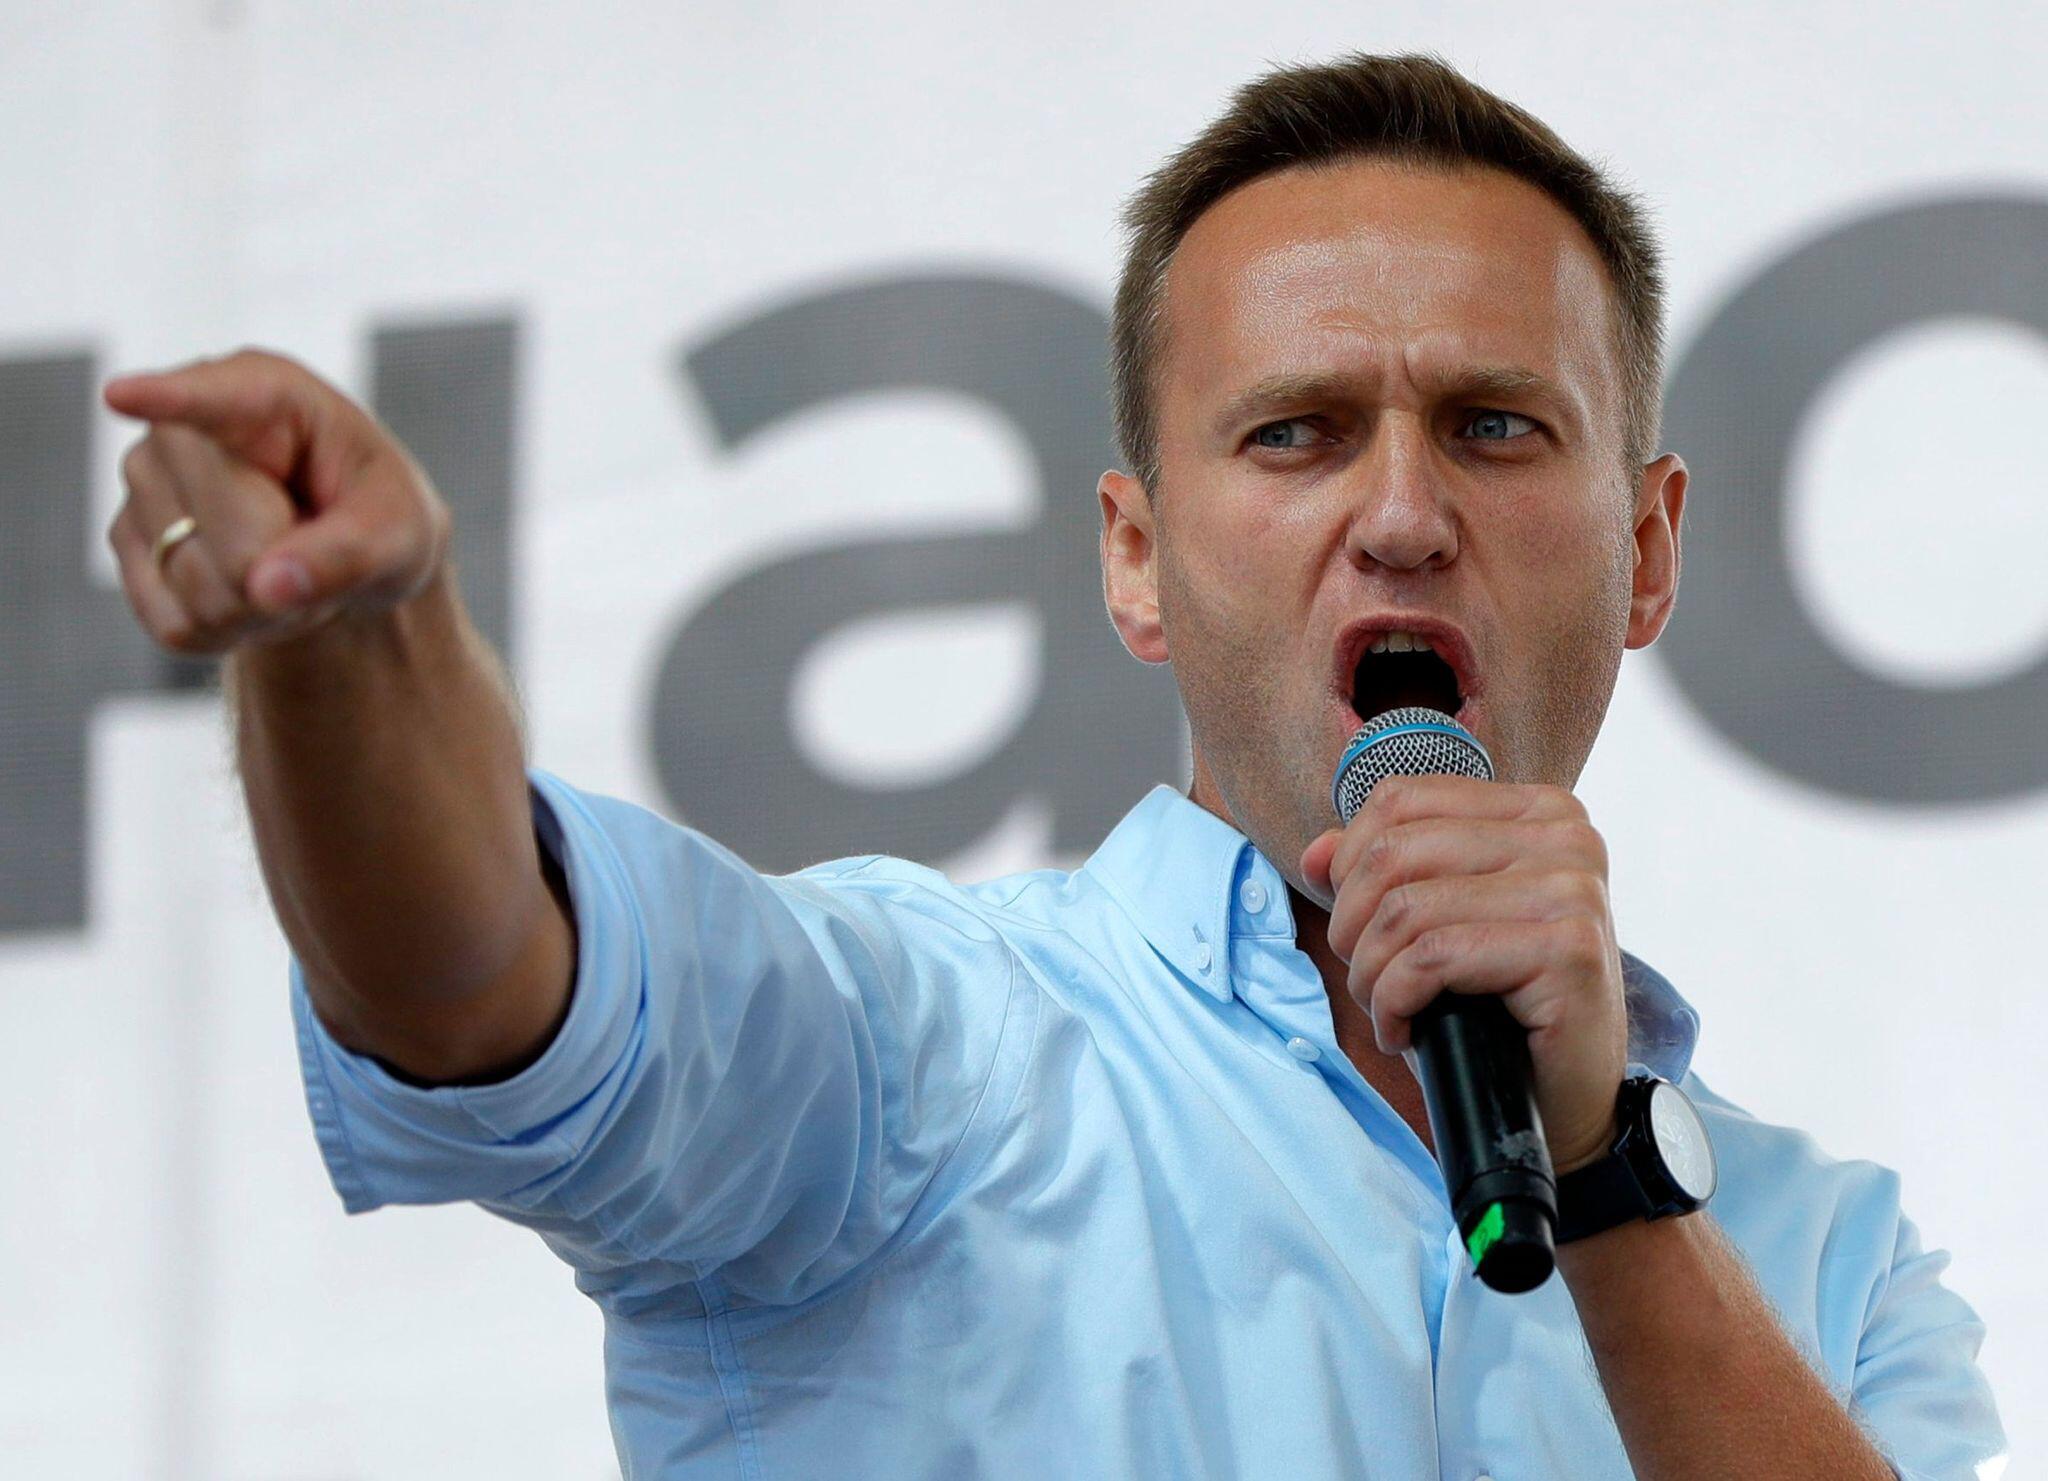 Bild zu Künstliches Koma bei Kremlkritiker Nawalny beendet